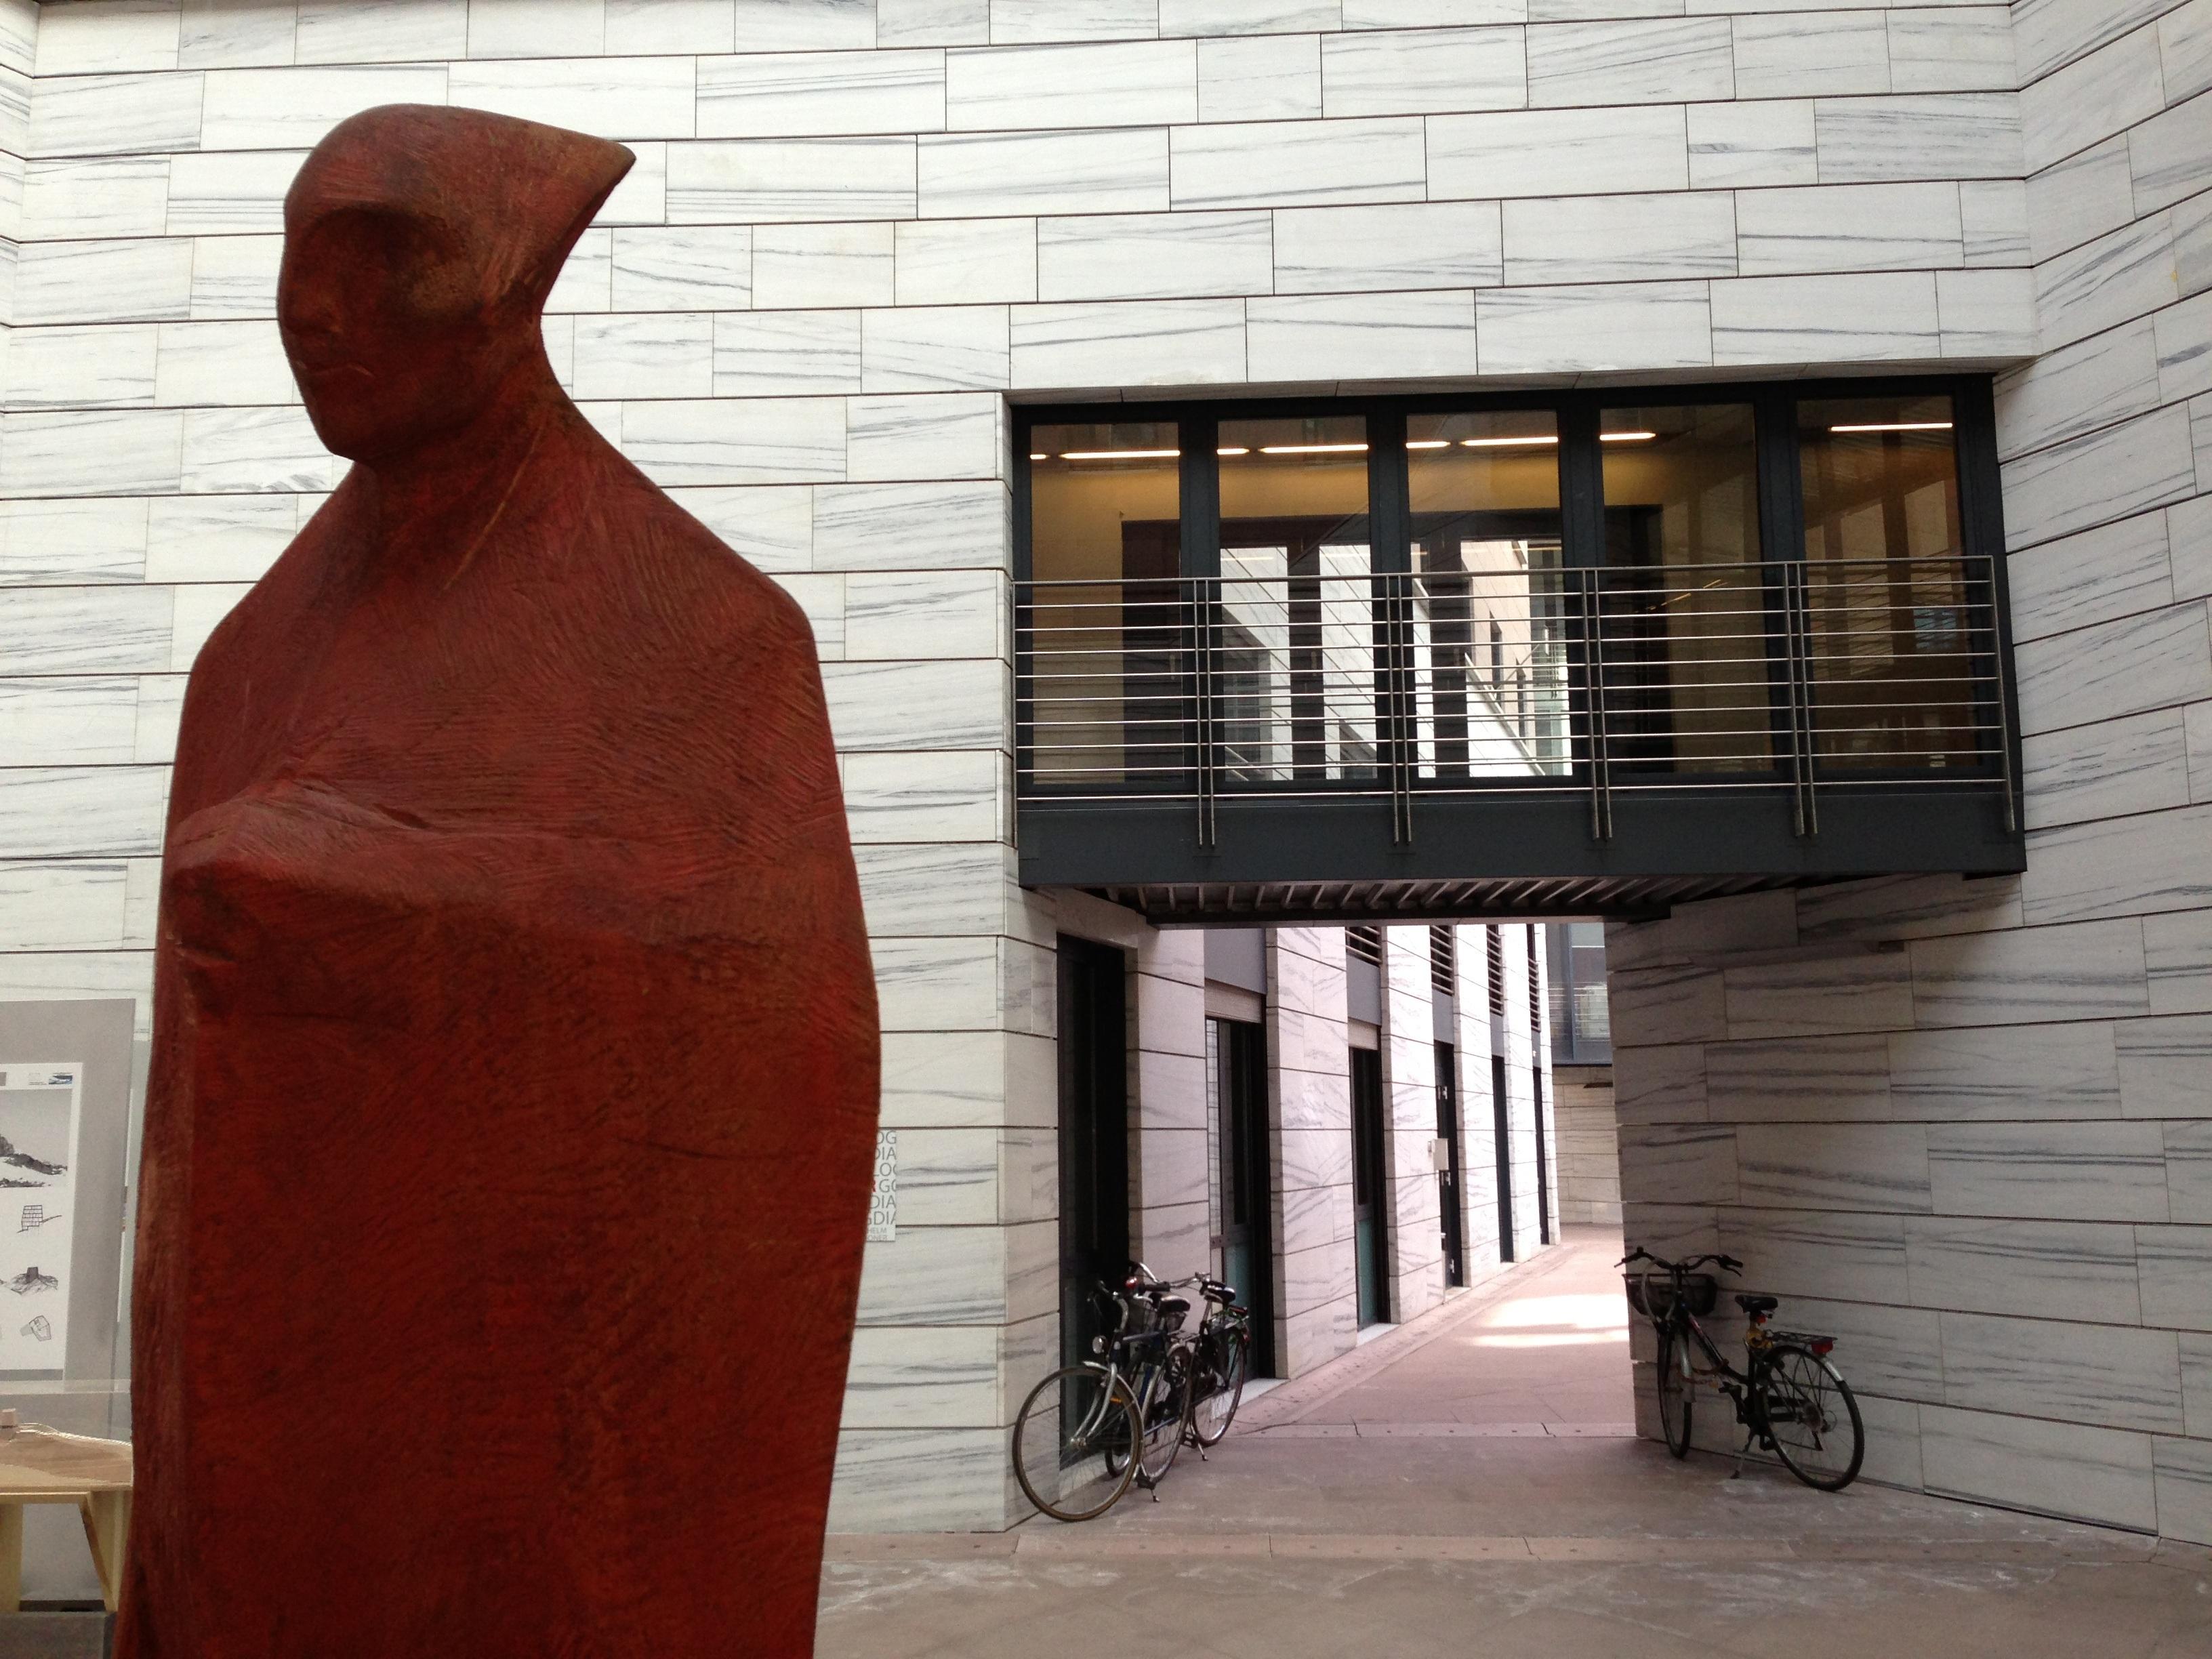 Images Gratuites : architecture, bois, maison, mur, Design d ...